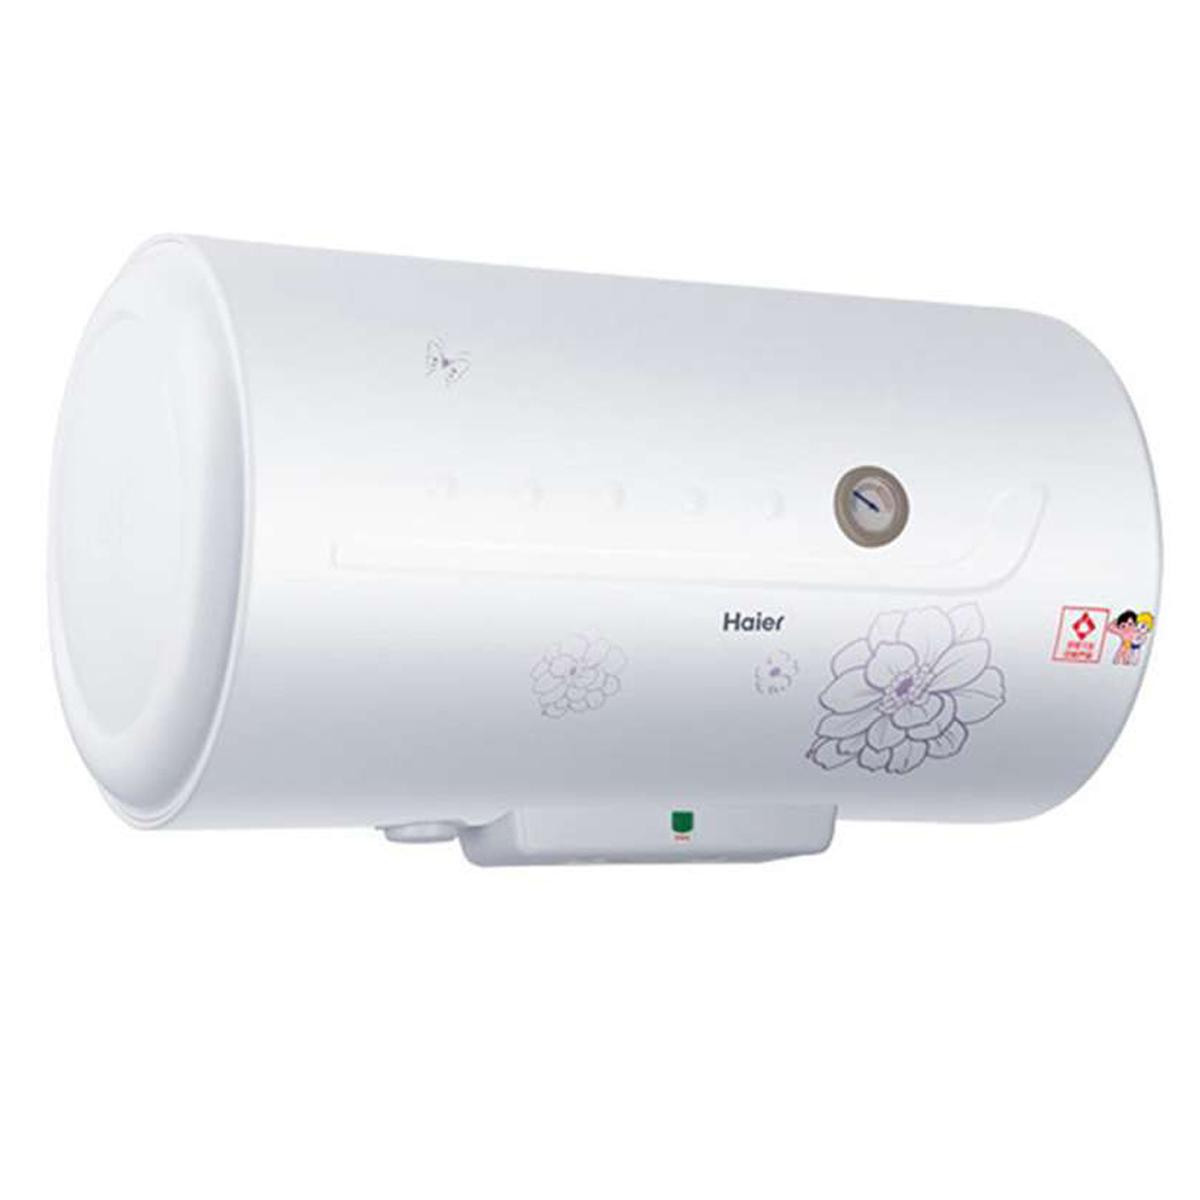 Haier/海尔                         电热水器                         Haier/海尔 电热水器 ES80H-HC(E)